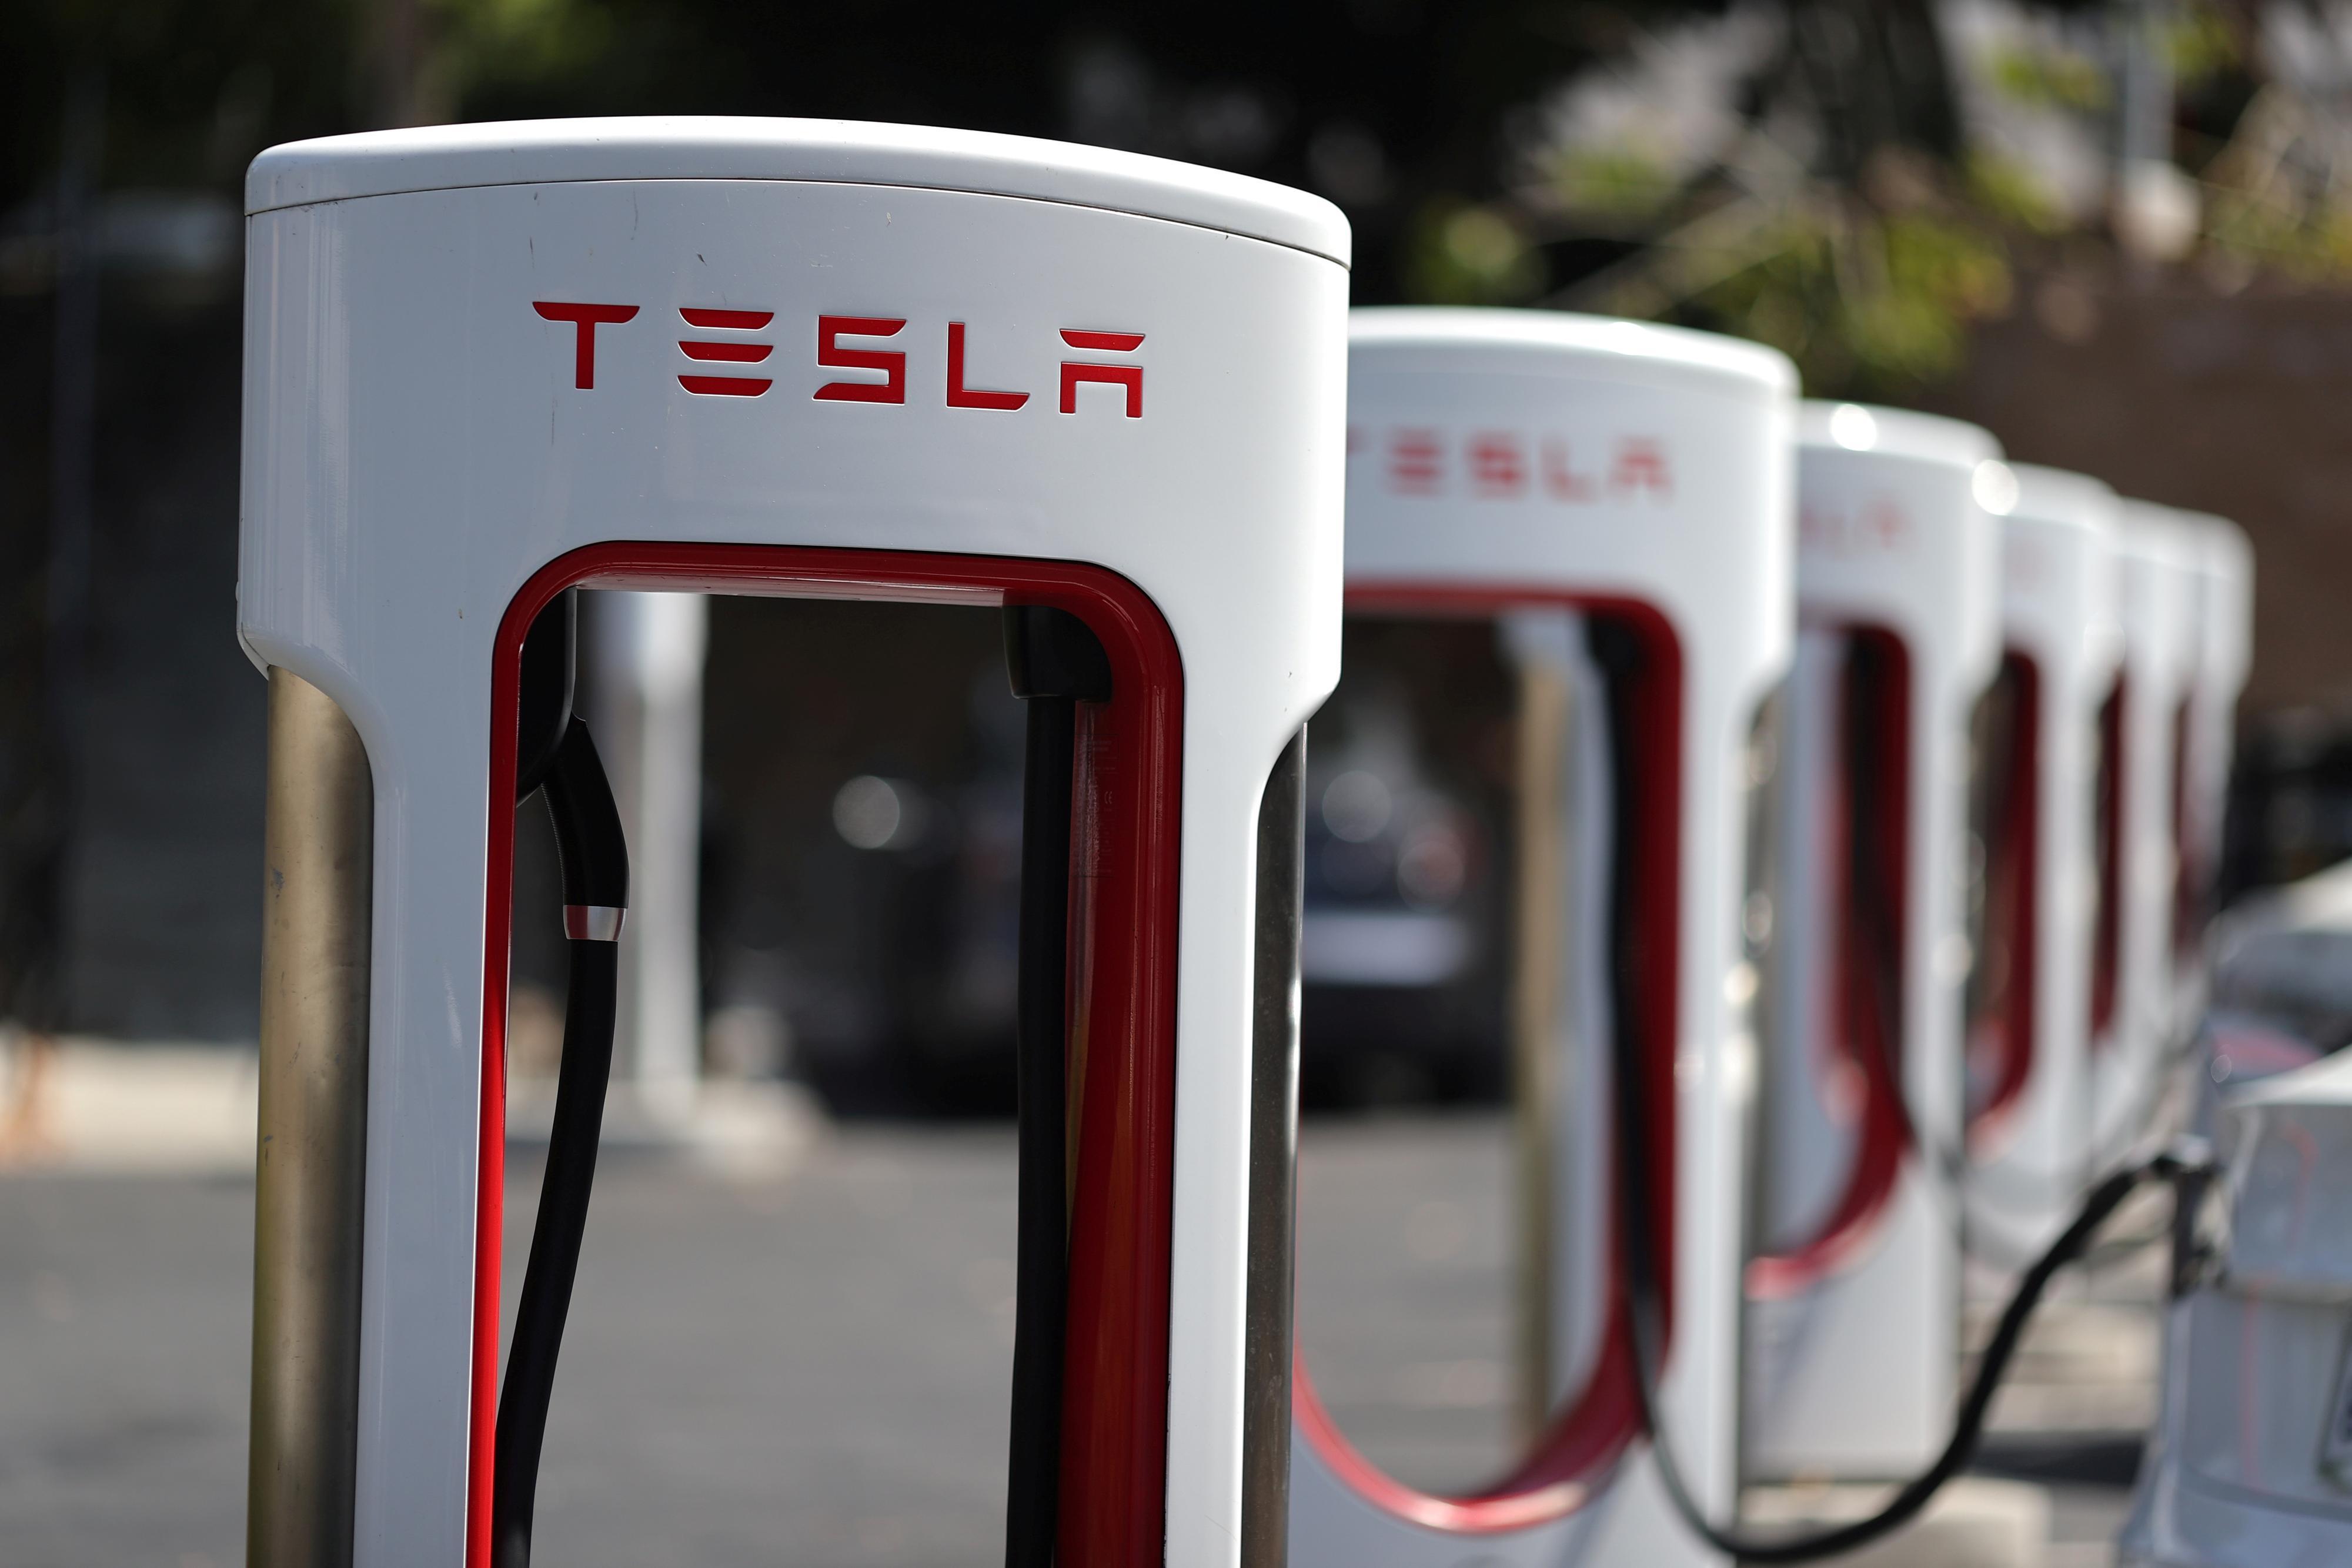 Norske Tesla-sjåfører har ladet nok til å kjøre over godt over en halv milliard kilometer på selskapets norske Supercharger-nettverk.